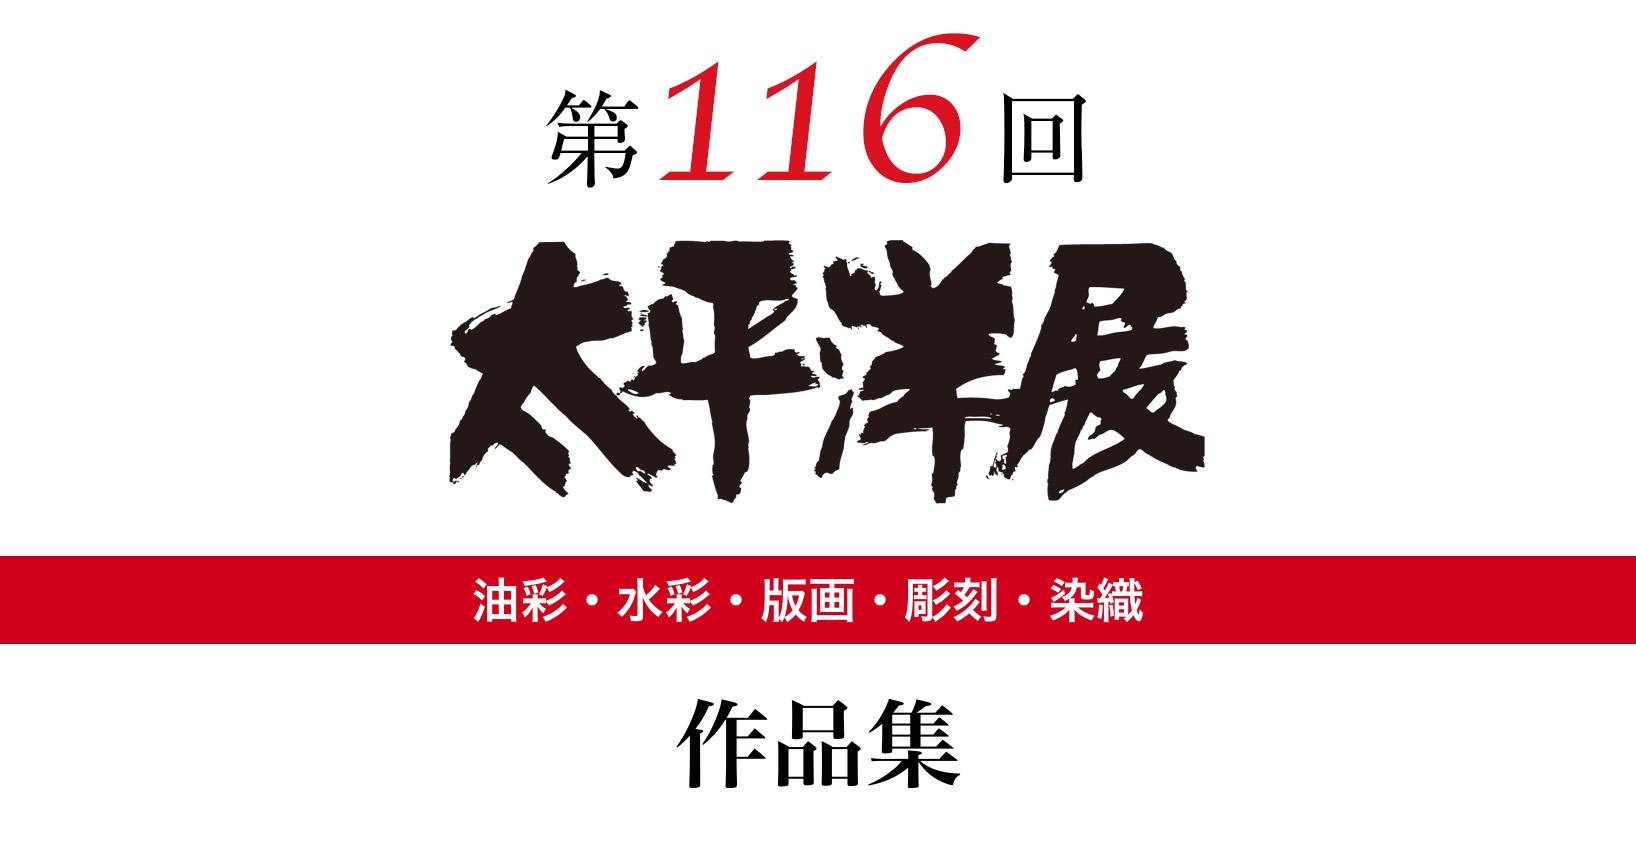 第116回太平洋展 作品集